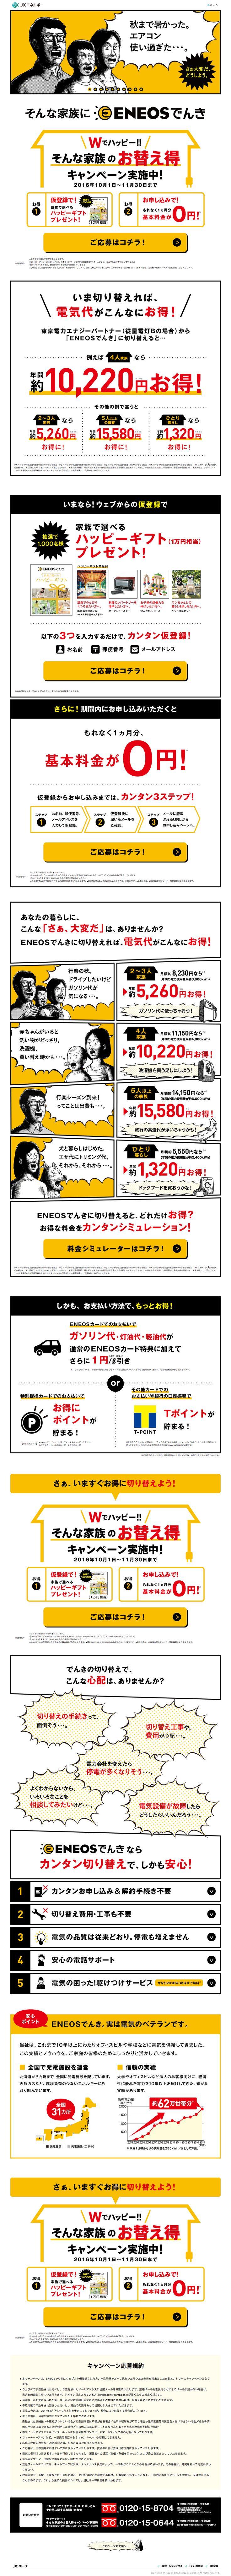 エネオスでんき http://www.noe.jx-group.co.jp/denki/autumn2016cp/